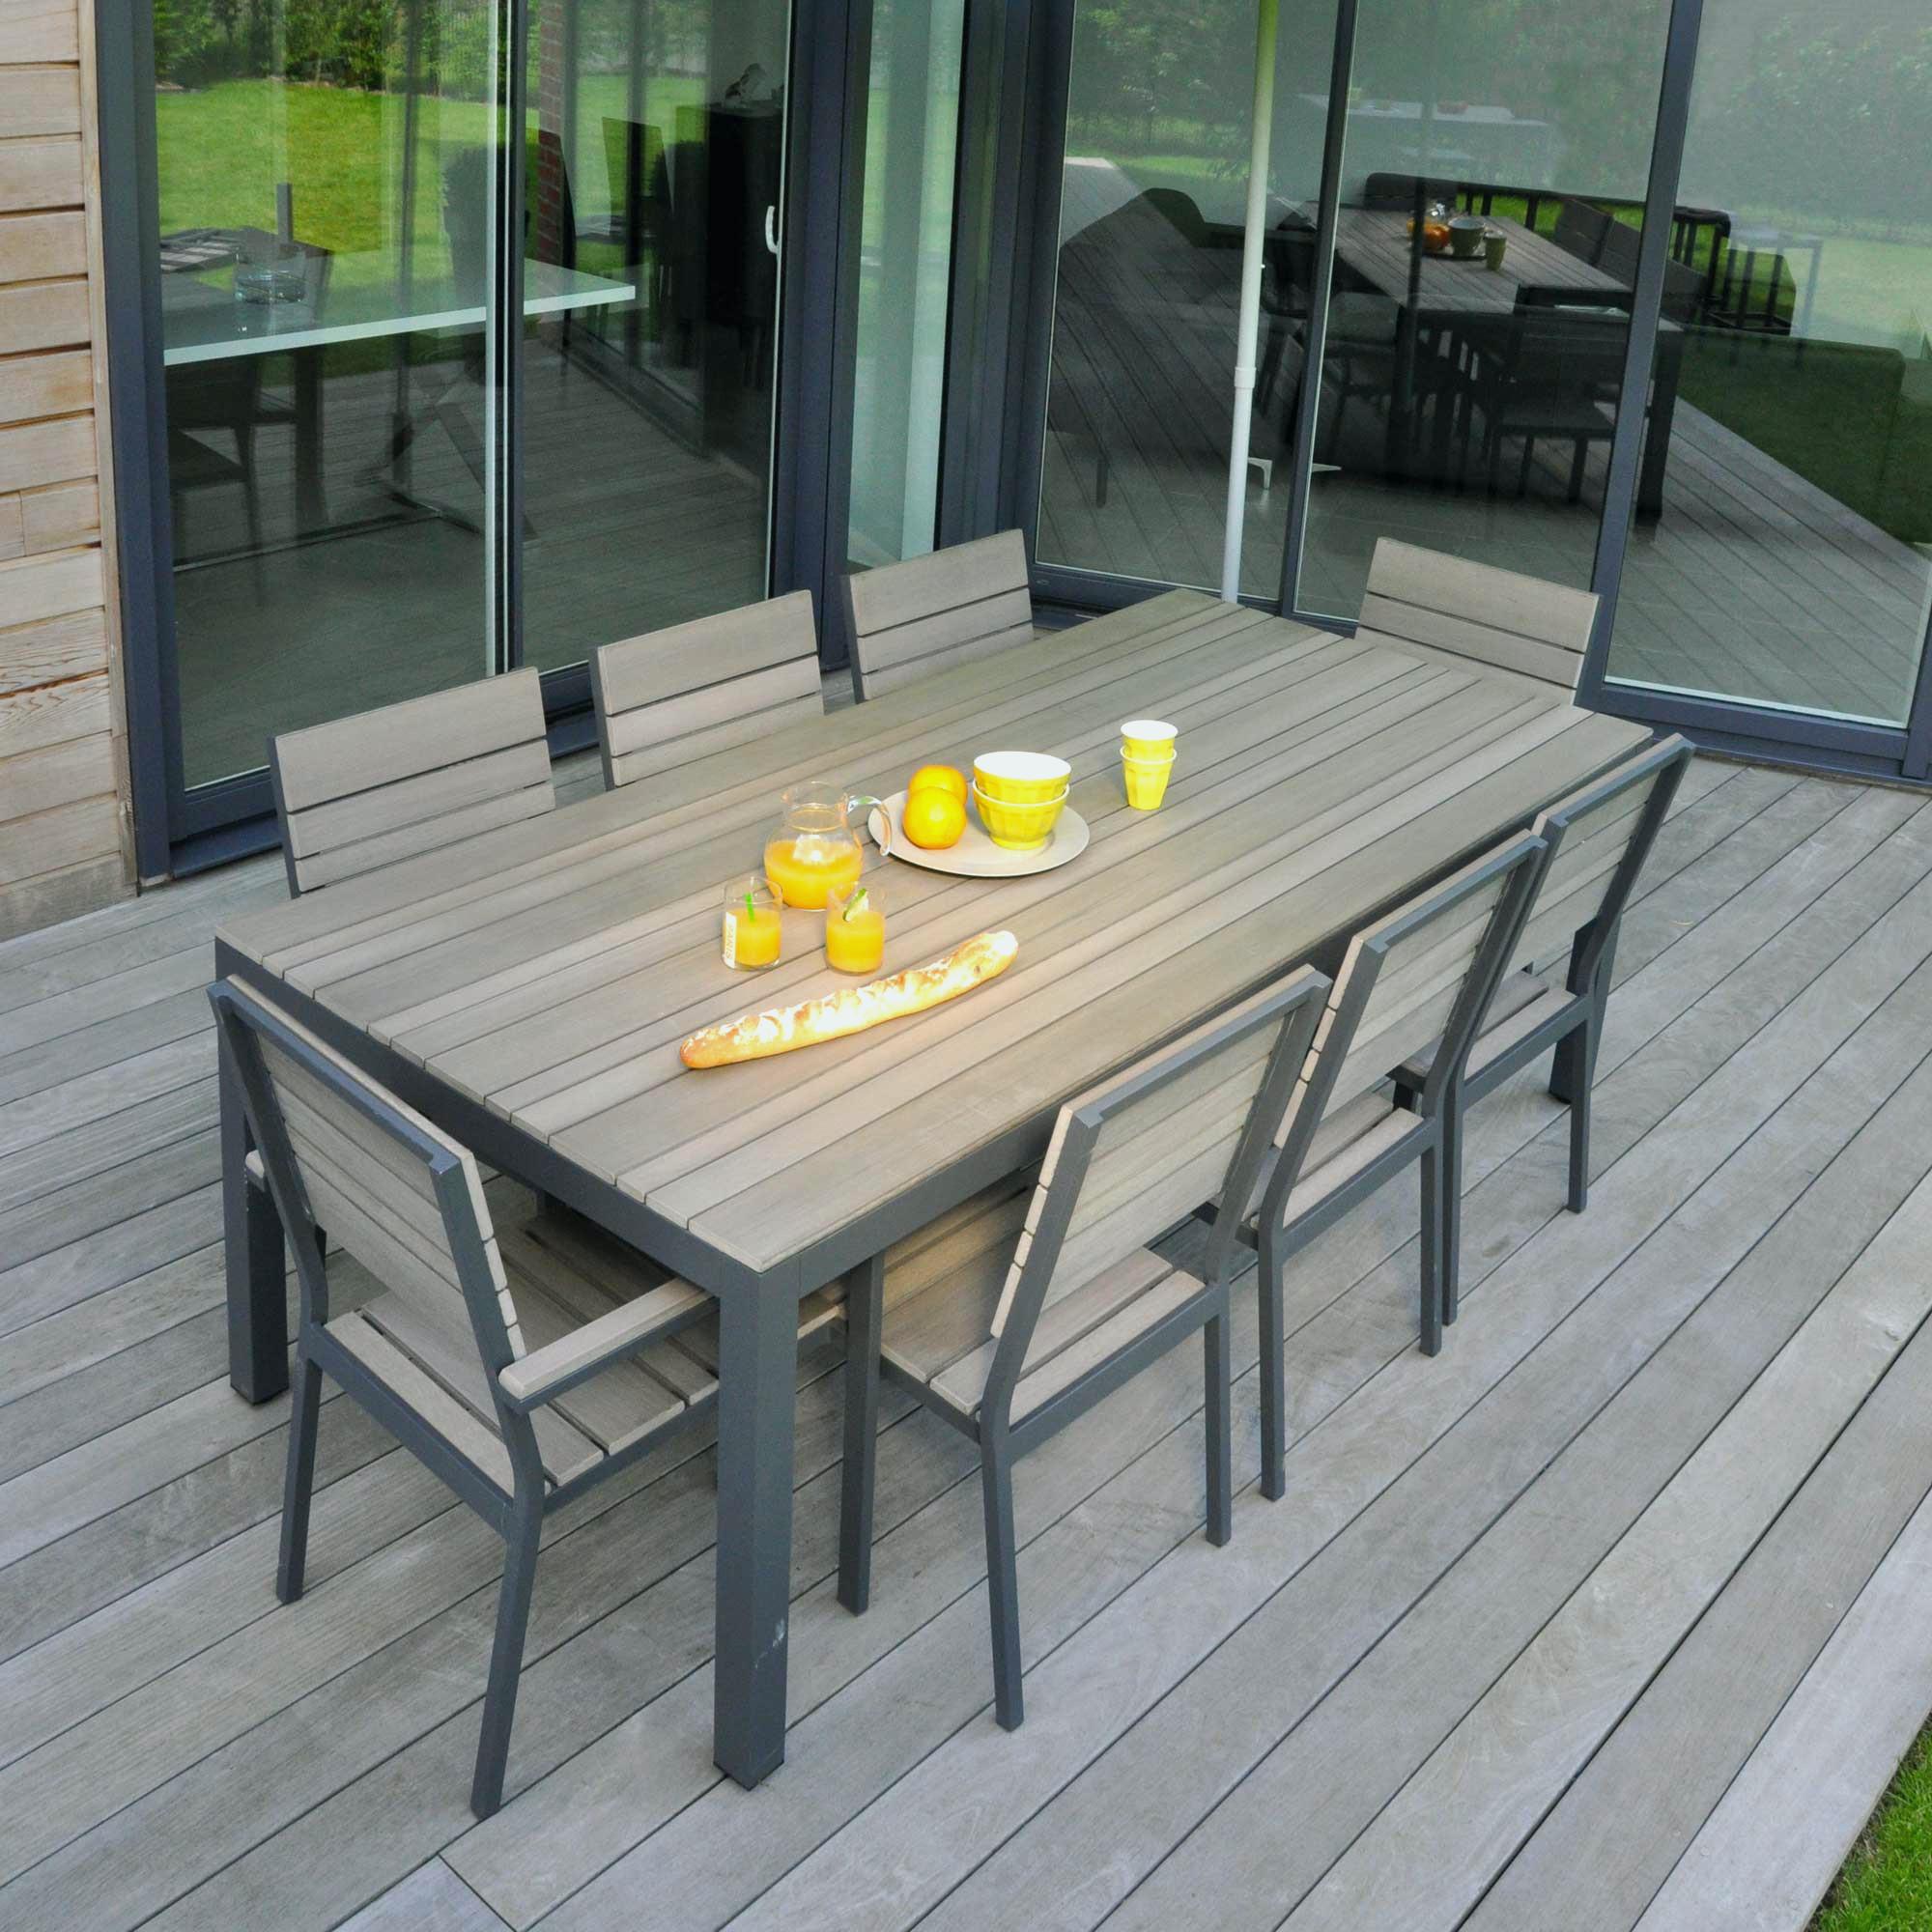 salon de jardin occasion belgique abri de jardin et balancoire id e. Black Bedroom Furniture Sets. Home Design Ideas